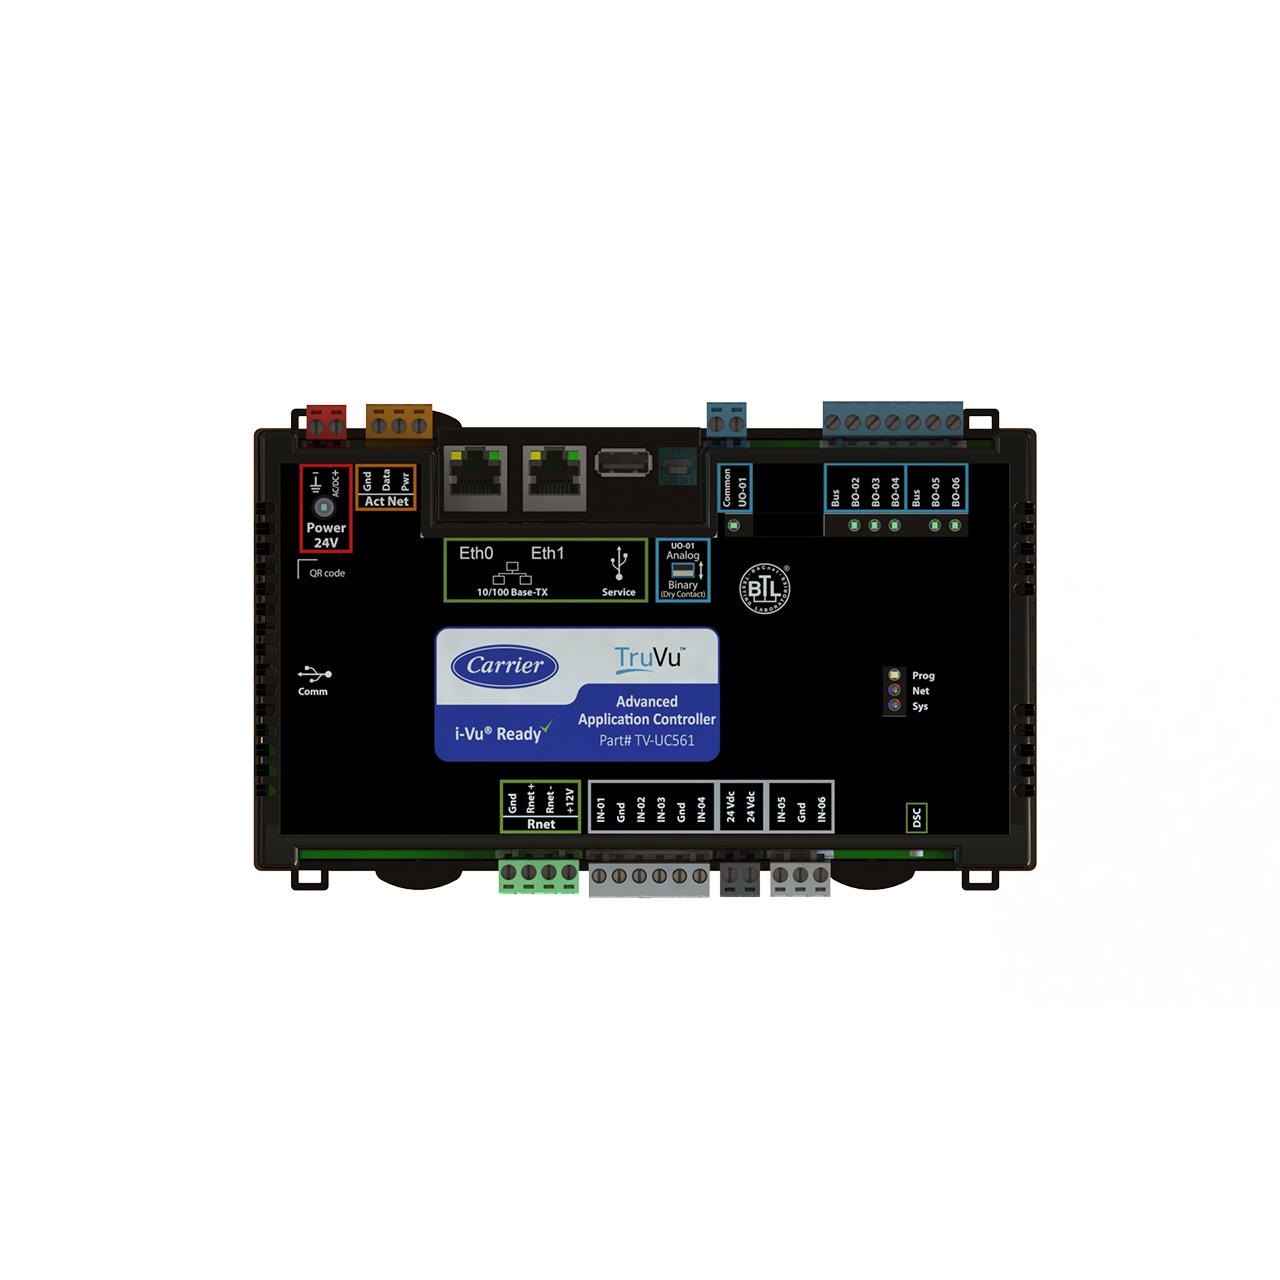 carrier-TV-UC561-TOP-truvu-controller